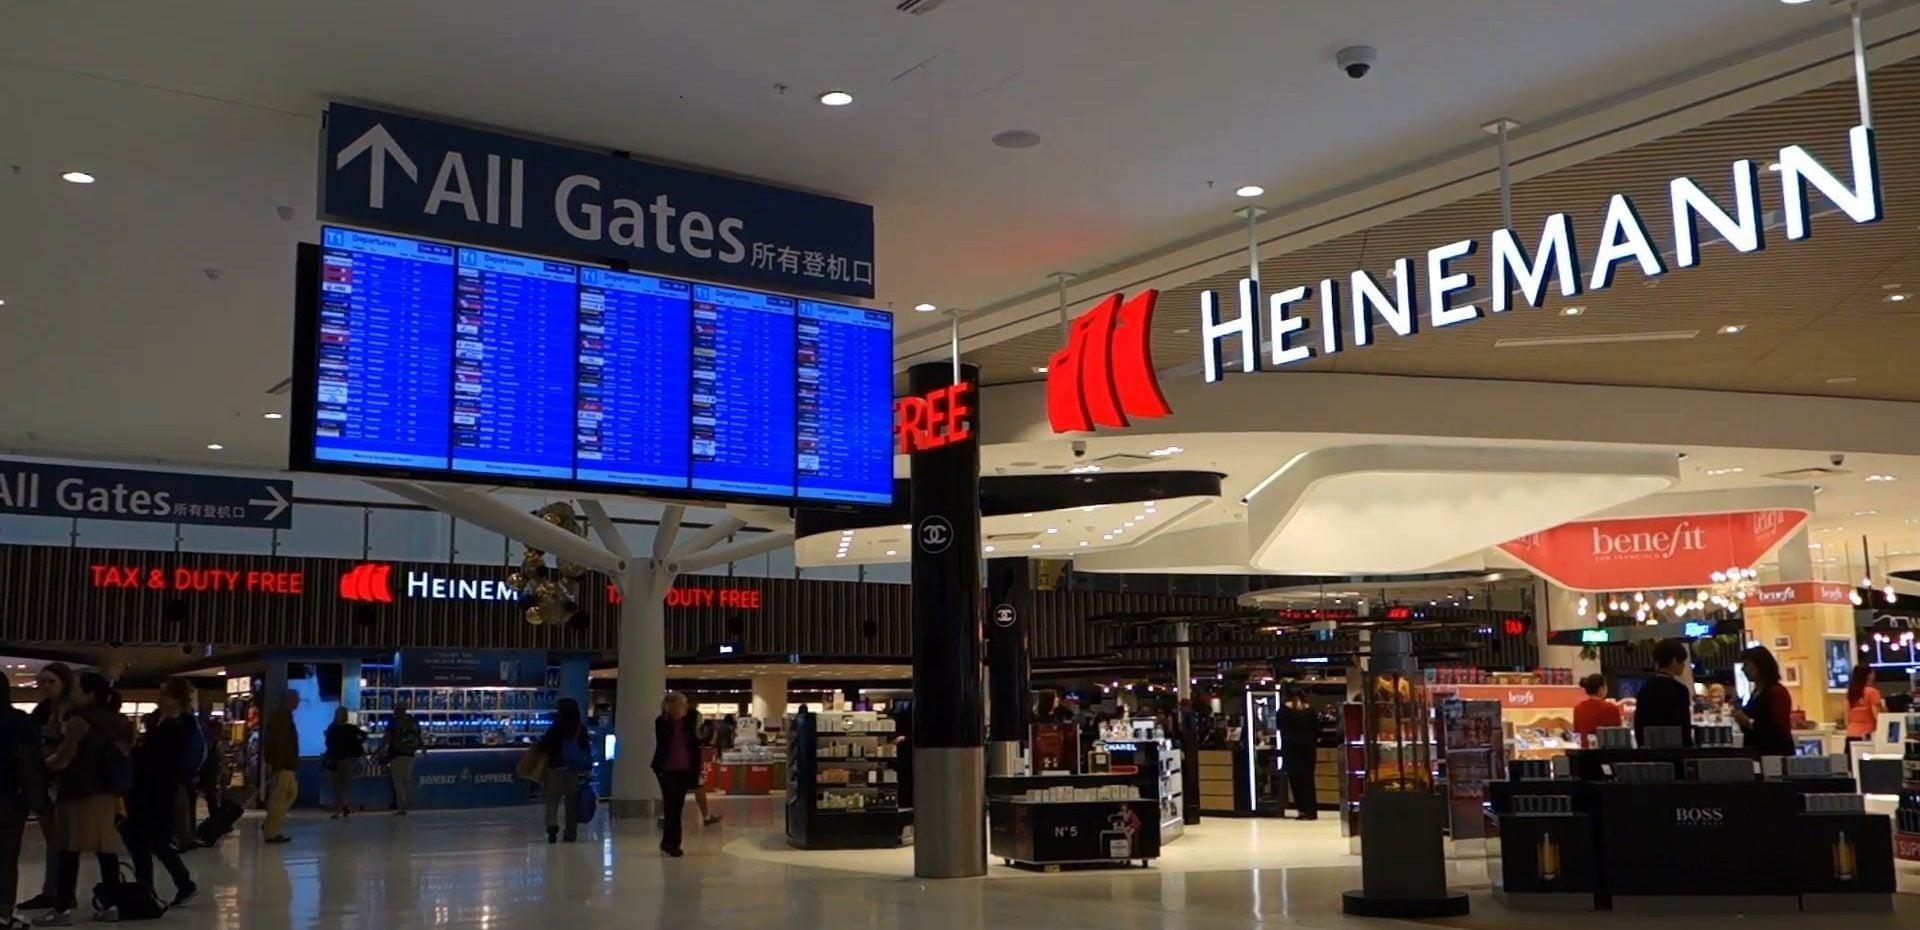 فرودگاههای استرالیا